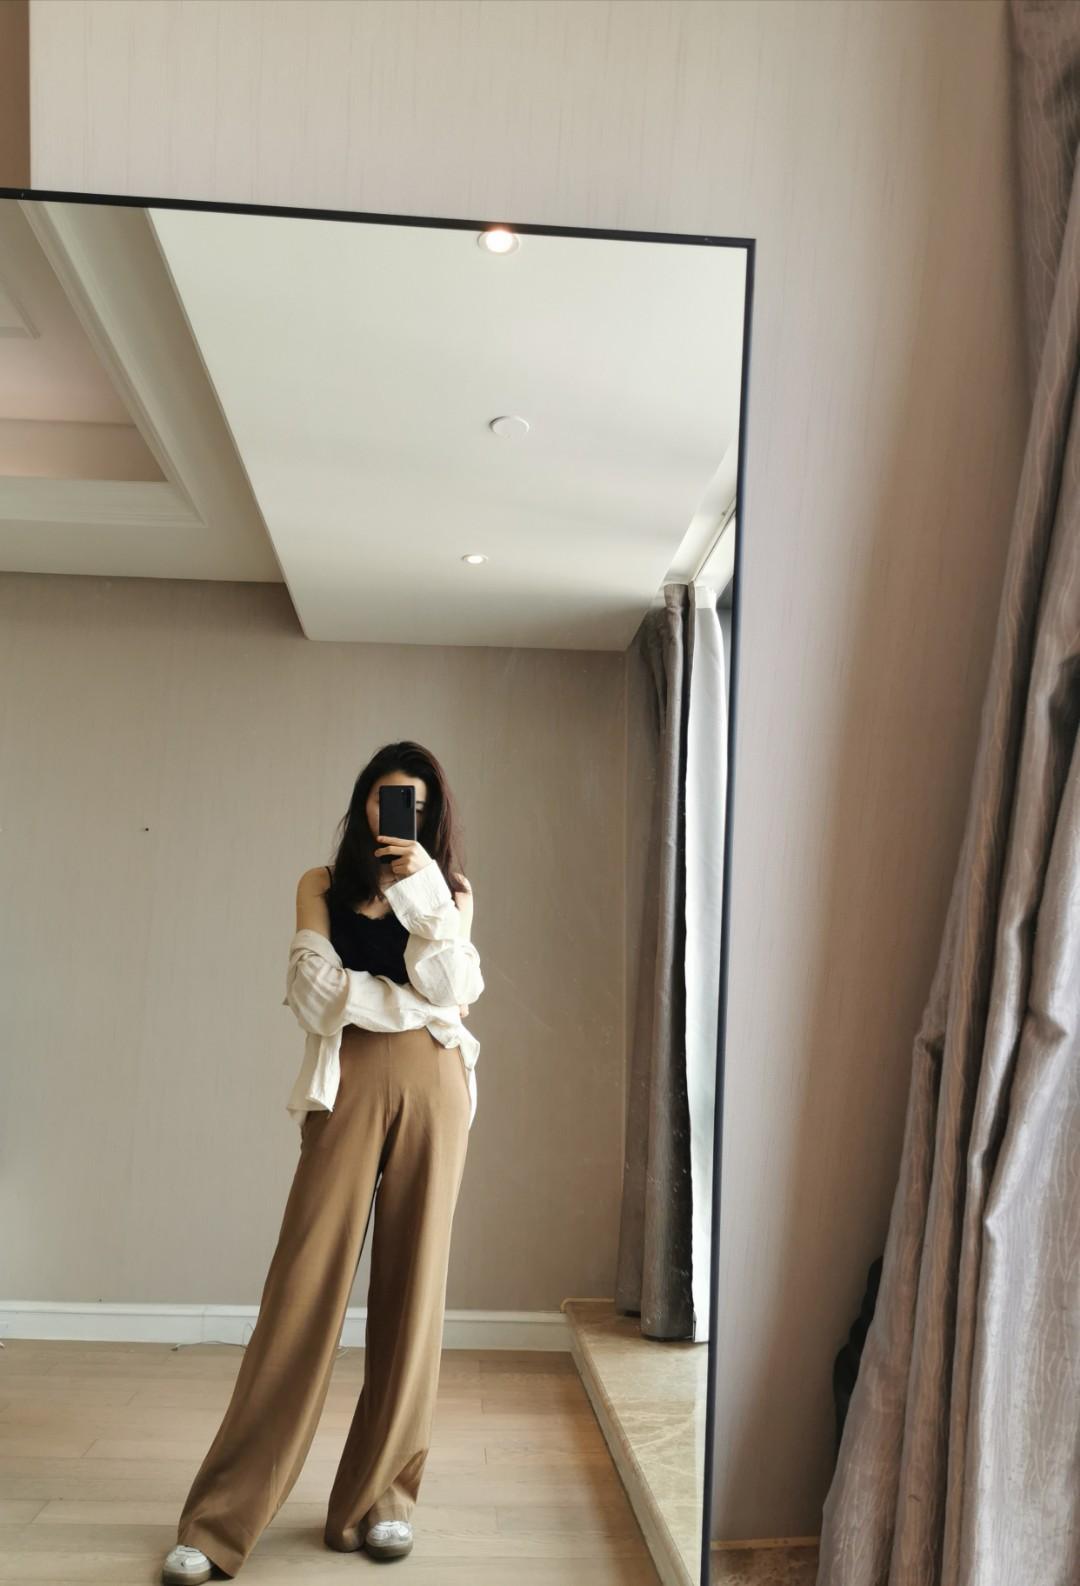 #早春LOOK#     卡其色的裤子 搭配度很高 尤其我这种性冷淡风格 高腰松紧带 拉长比例 把腰臀比的劣势遮盖住了 料子不是很厚 可以穿 感觉是一条穿越四季的裤子